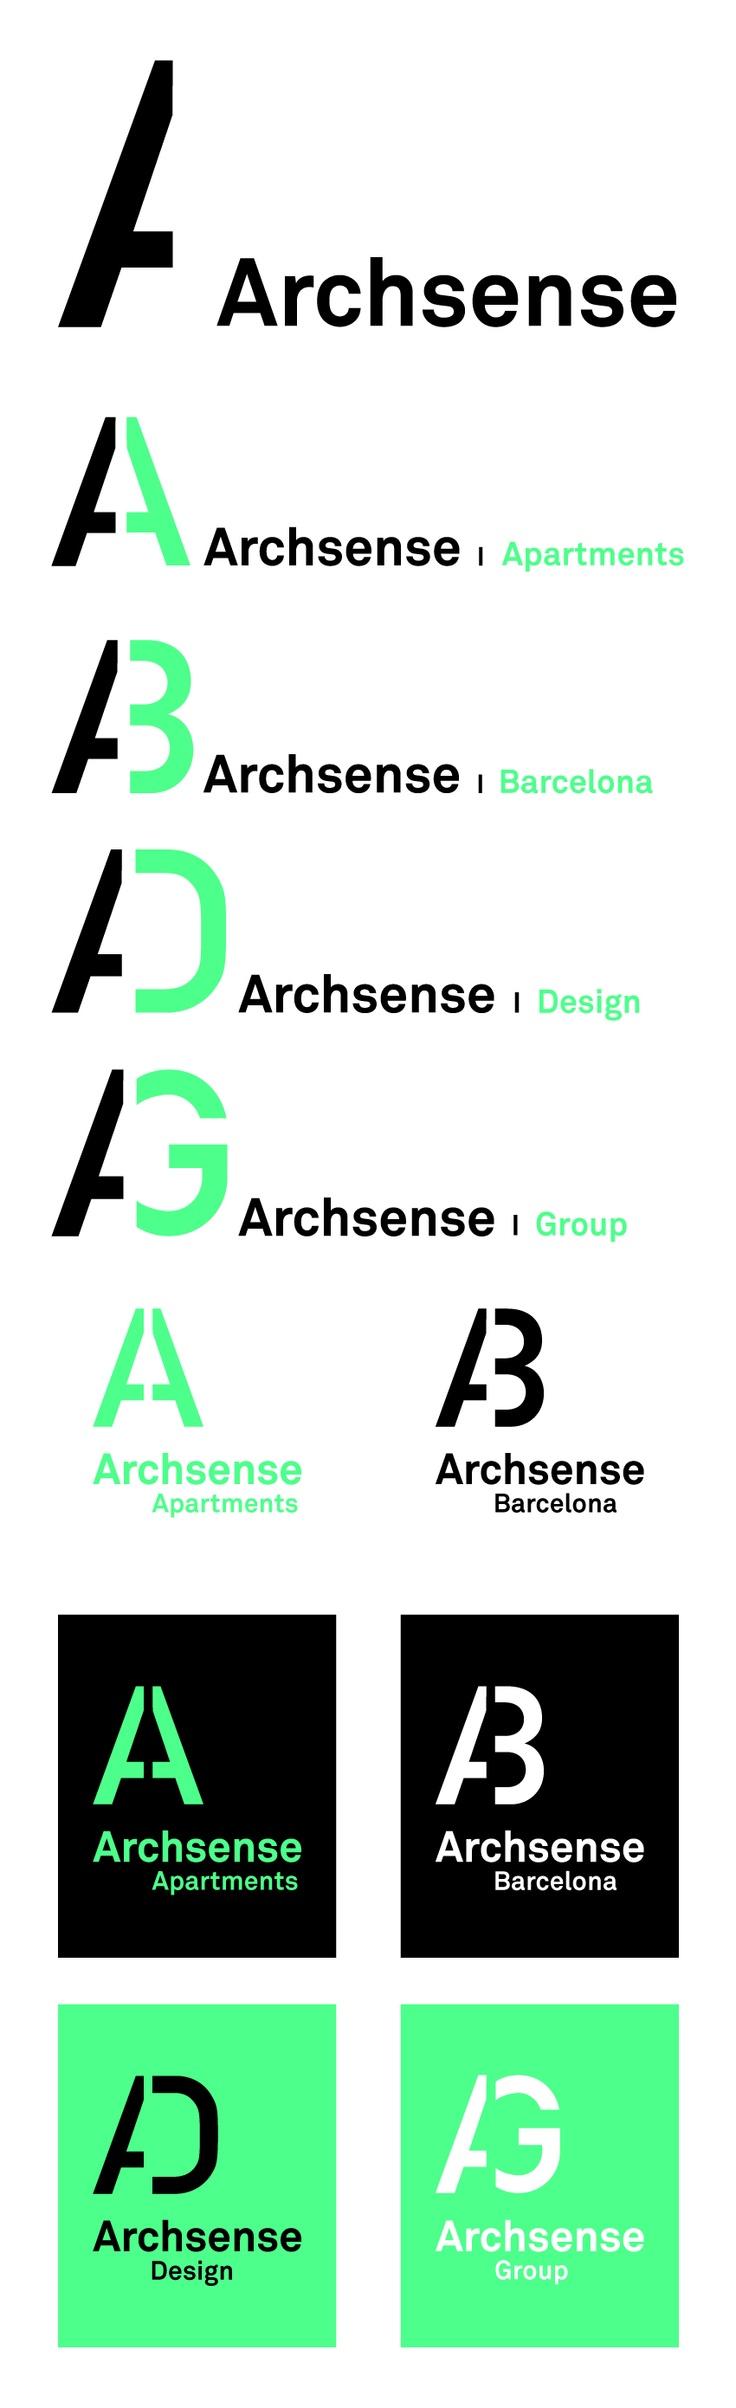 Propuesta de logo para Archsense. #logotipo #identidad #identidadcorporativa #diseño grafico #diseño #green #verde #corporate #design #corporatedesign #logo #identity #branding #propuesta #proposal